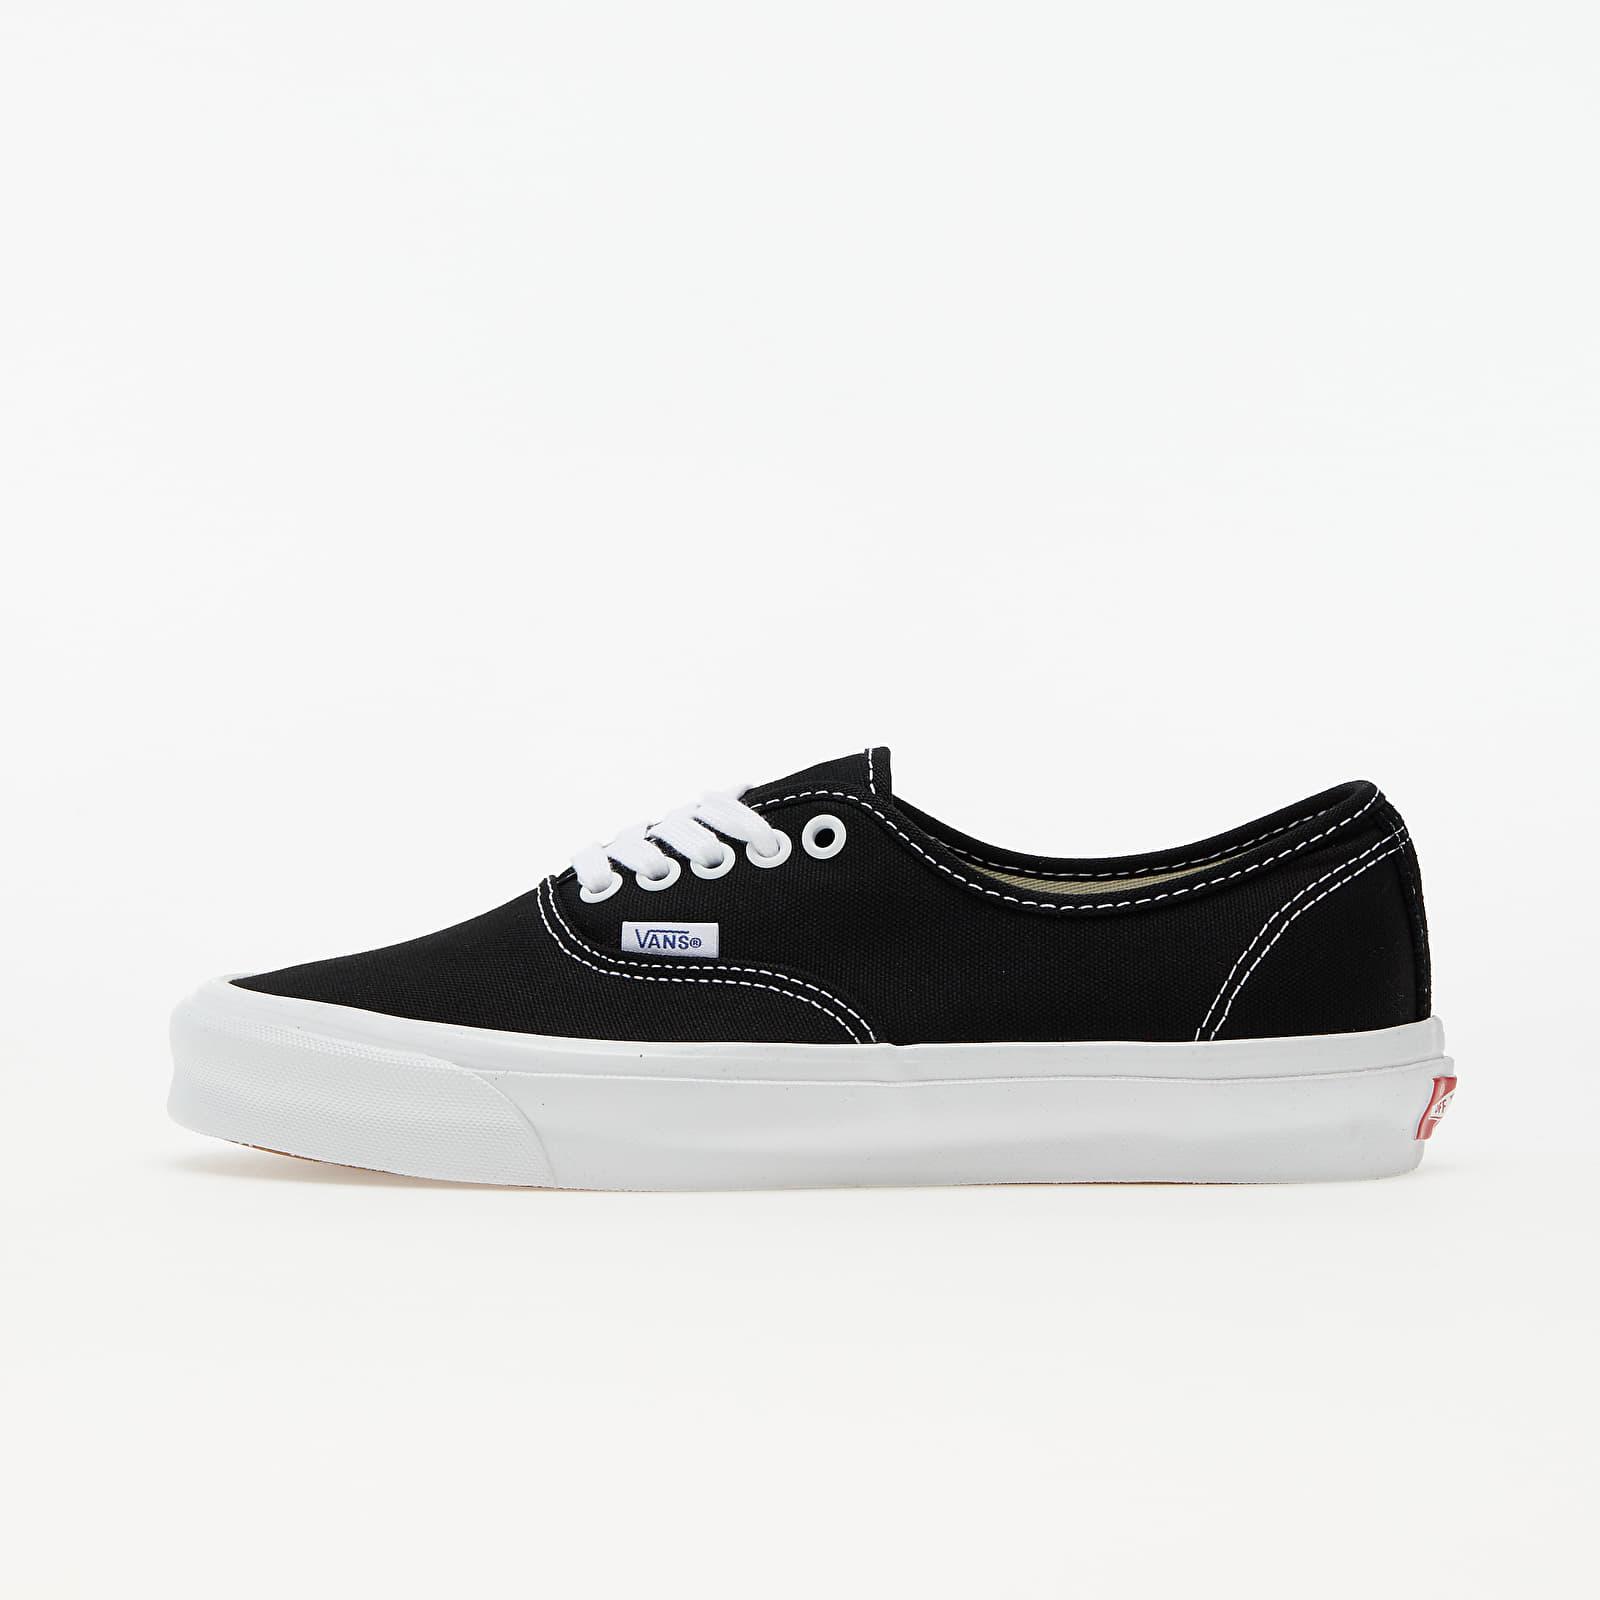 Vans Vault OG Authentic LX (Canvas) Black/ True White   Footshop